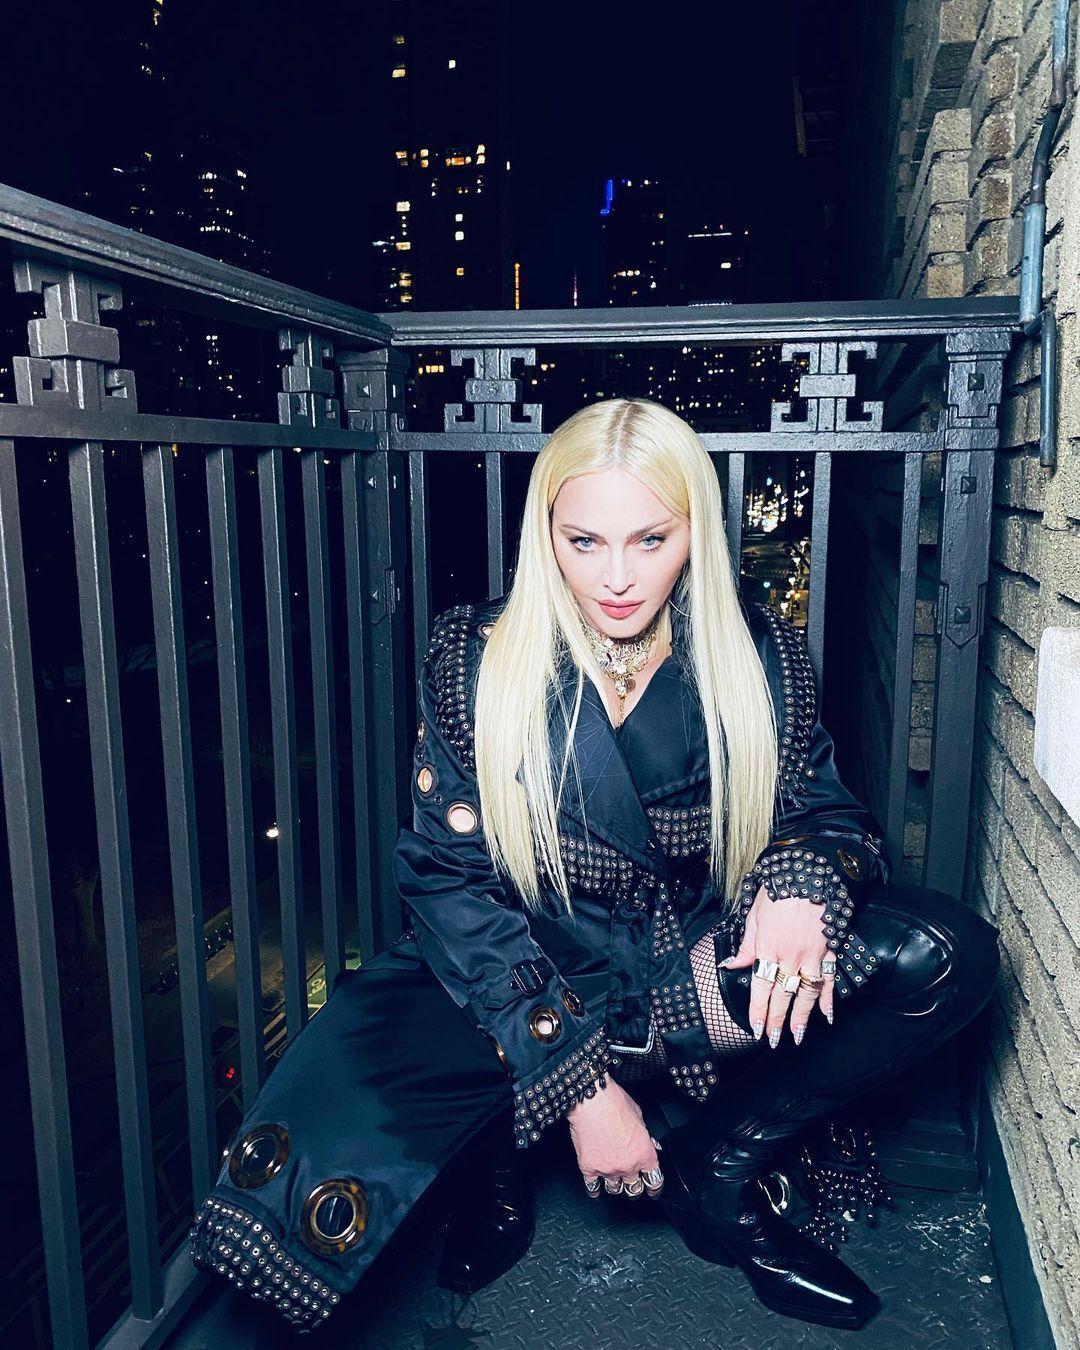 Мадонна в стильном наряде